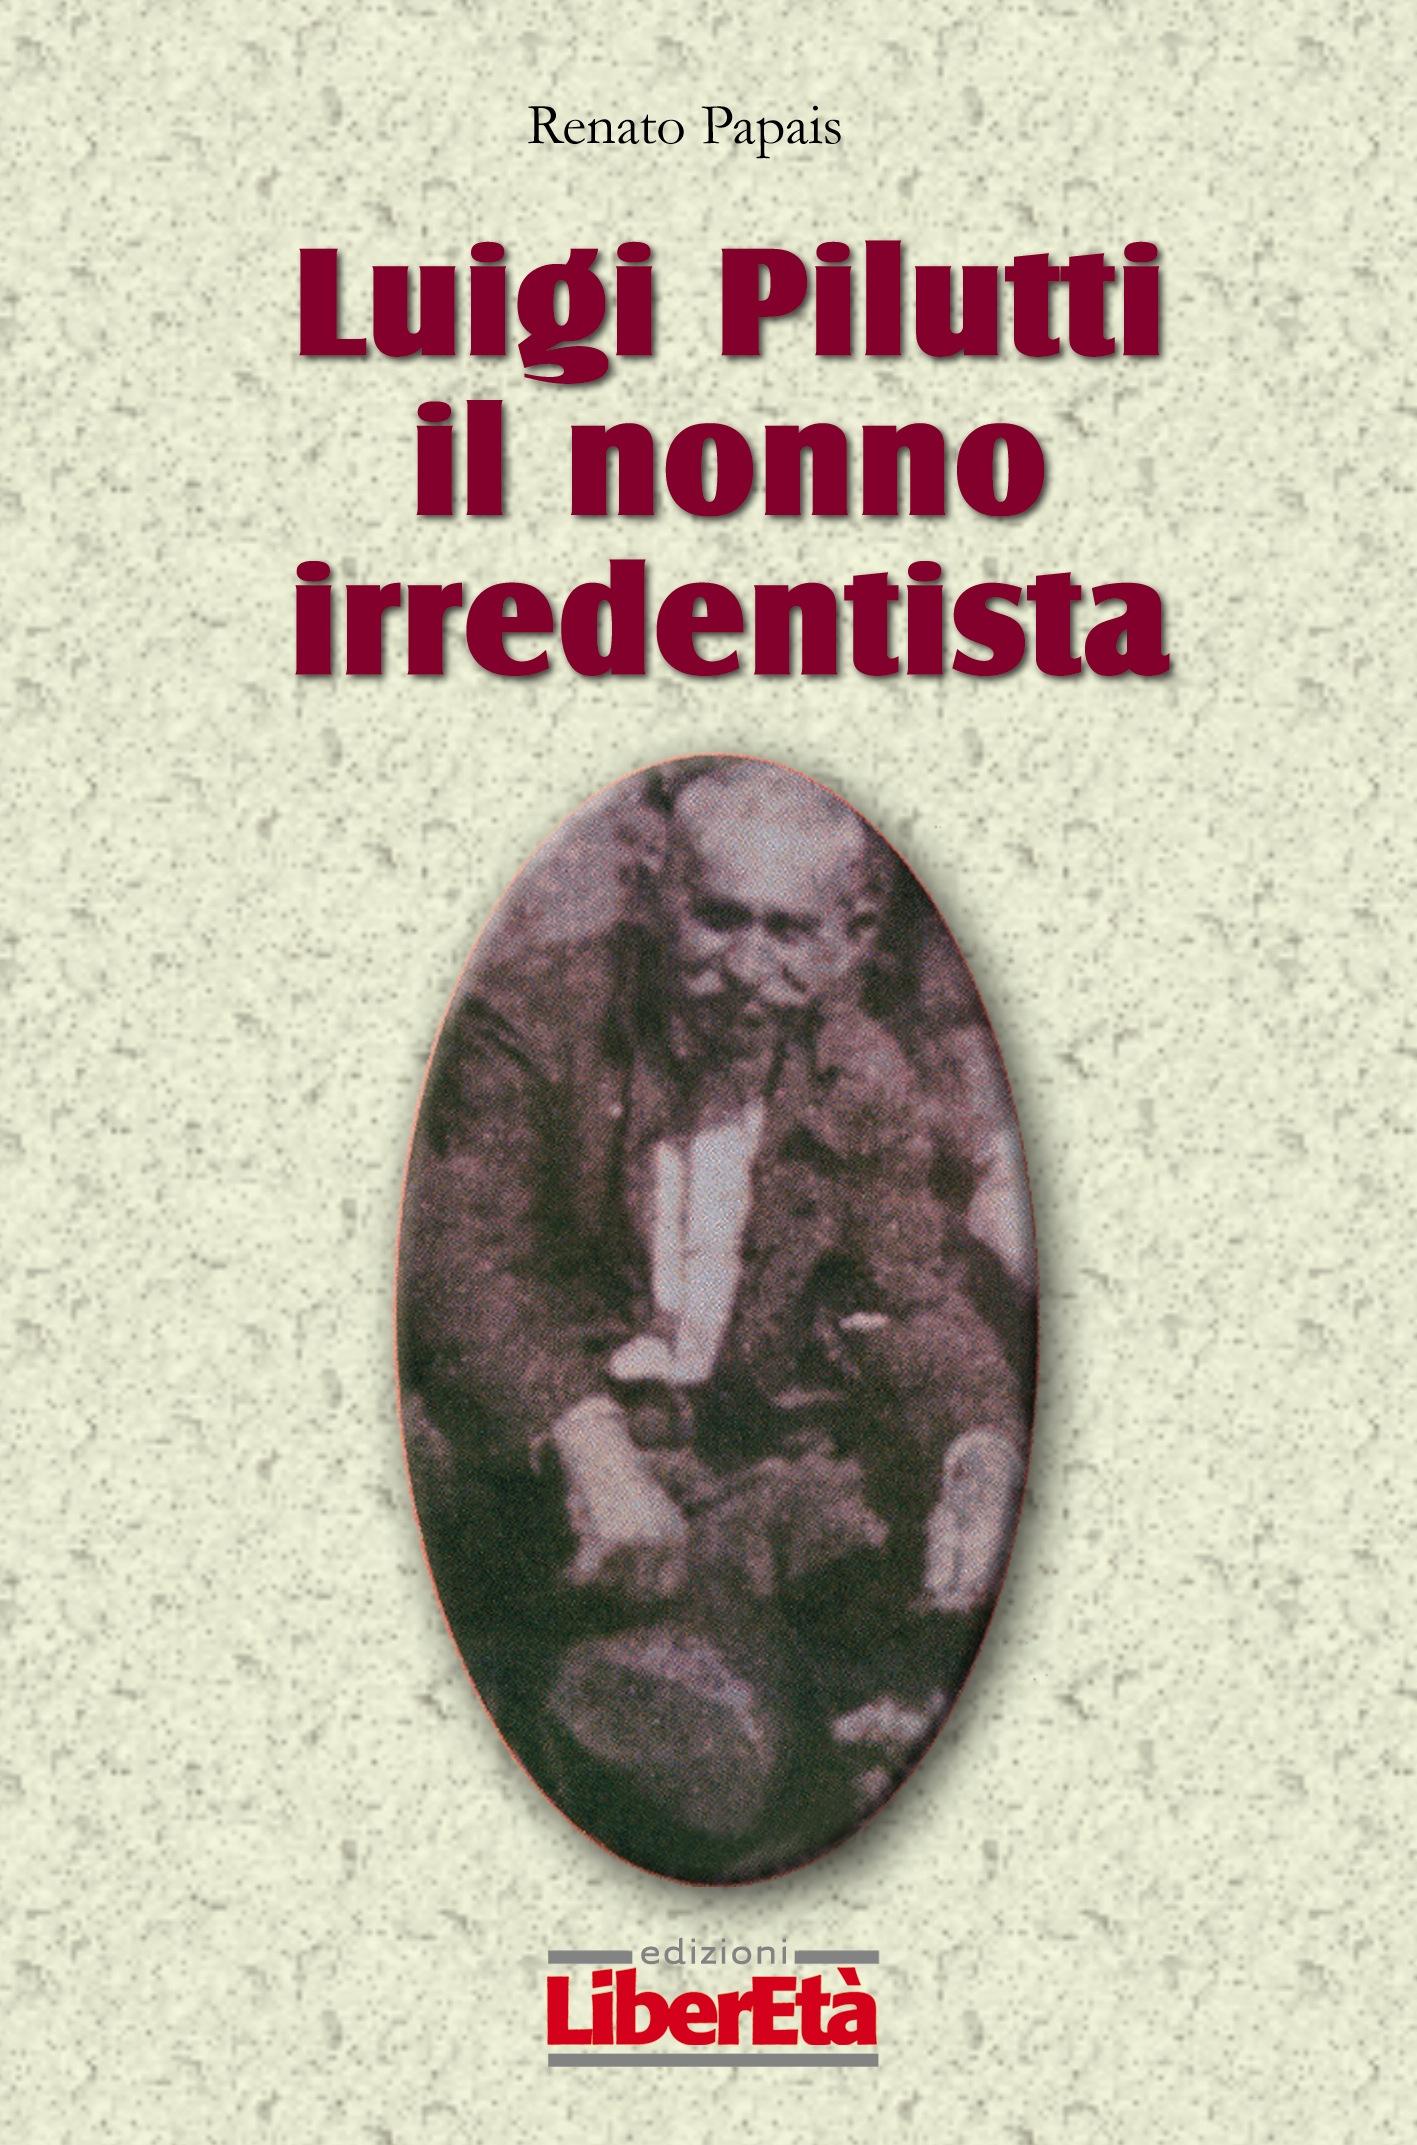 Luigi Pilutti, il nonno irredentista